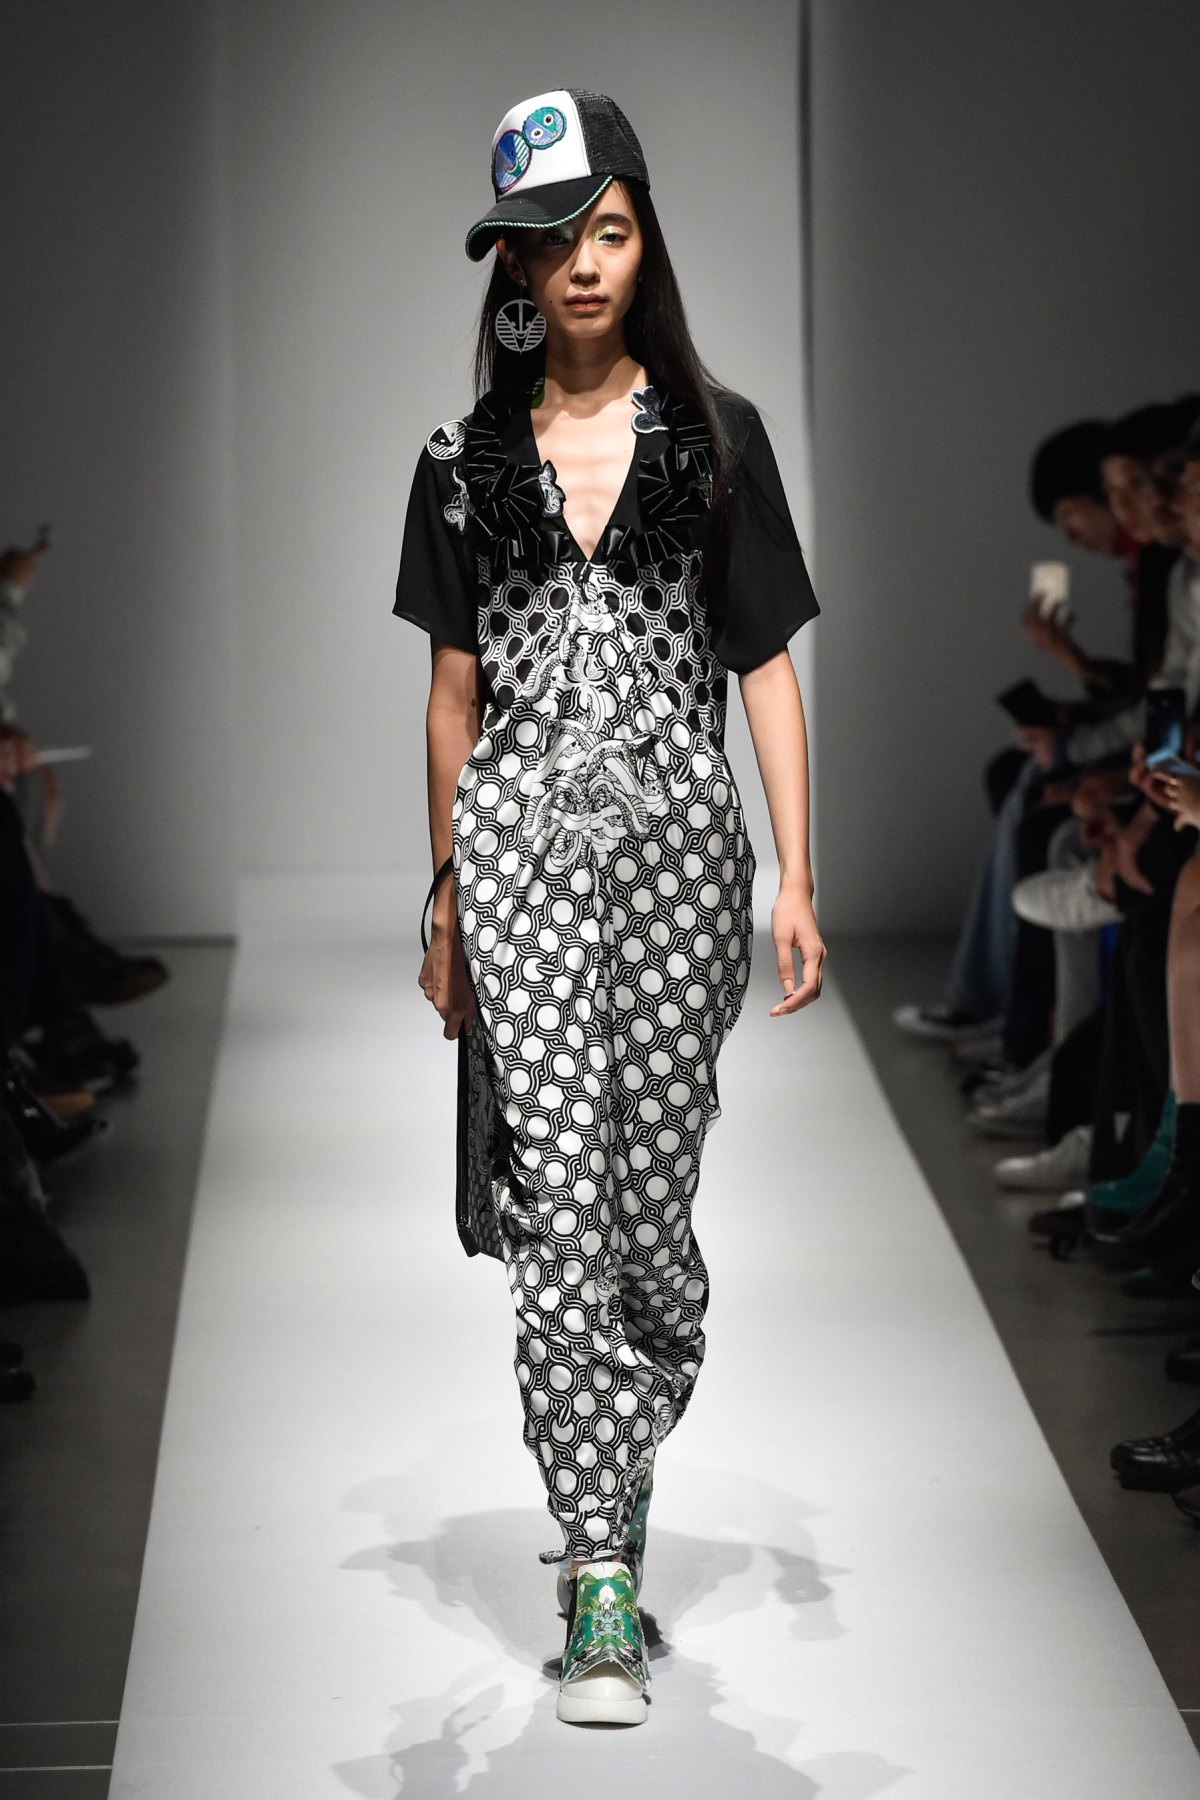 Fashion Hong Kong RS17 0079